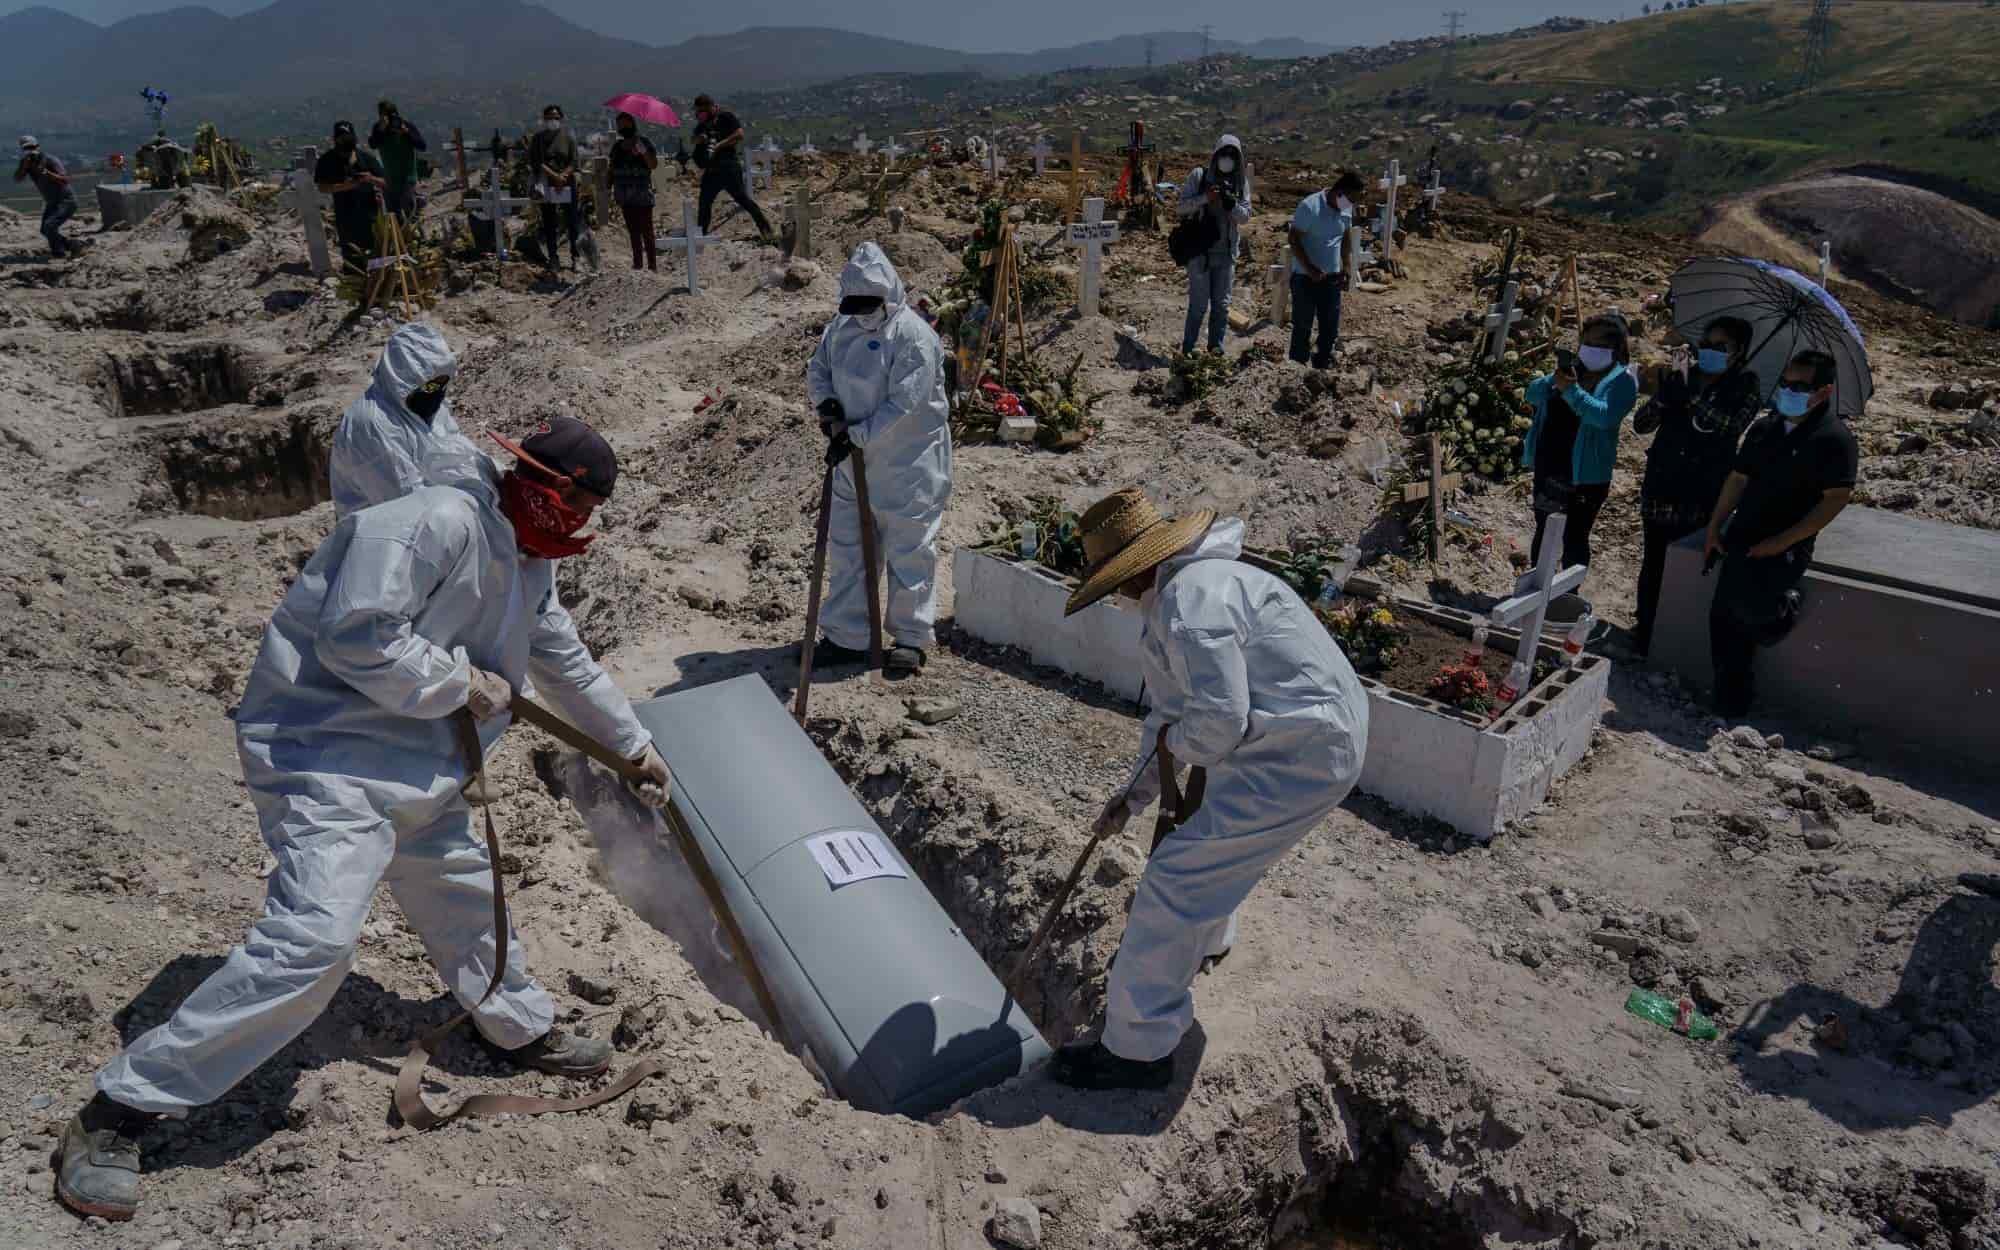 Trabajadores municipales de Tijuana, sepultan a persona muerta con síntomas de Covid-19 en un saturado panteón. Su familia ve el proceso de entierro guardando distancia. Foto: Los Ángeles Times